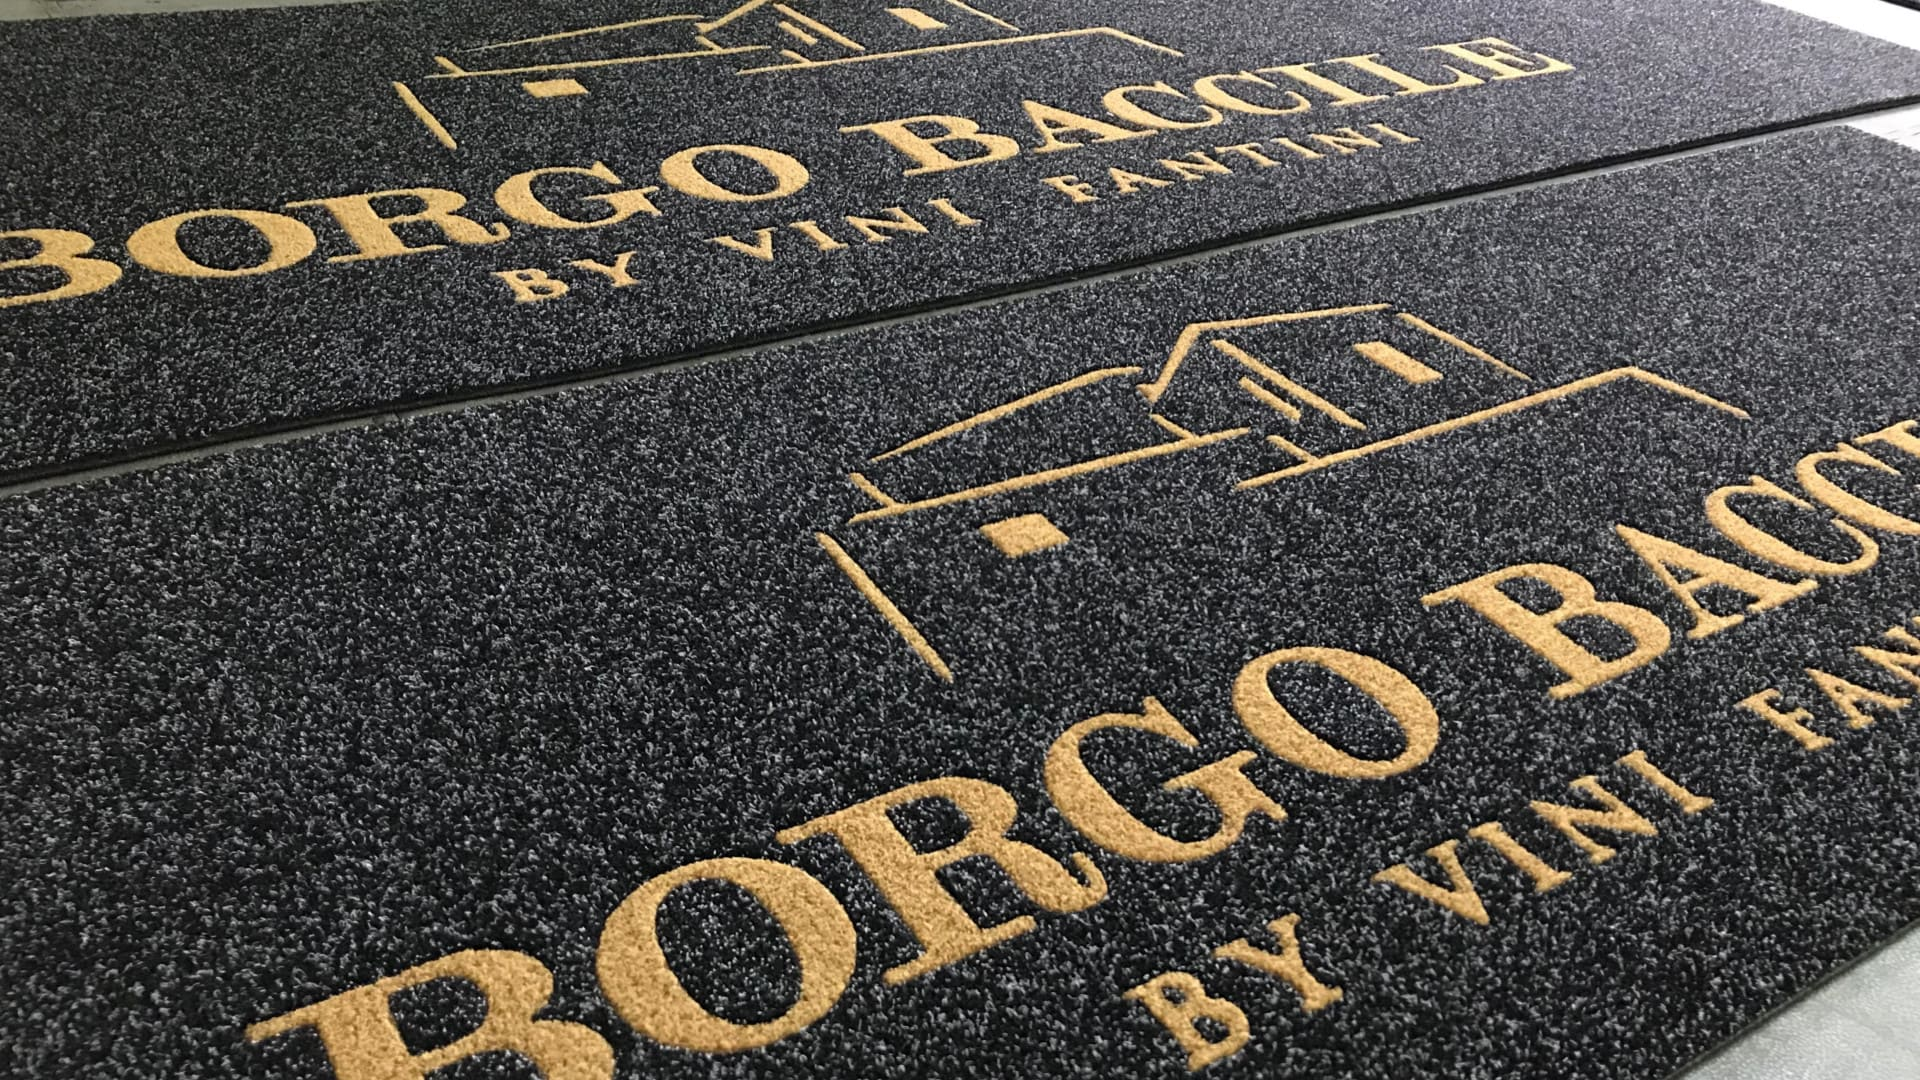 Tappeti Intarsiati Personalizzati Borgo Baccile by Vini Fantini realizzati dalla MADO Group